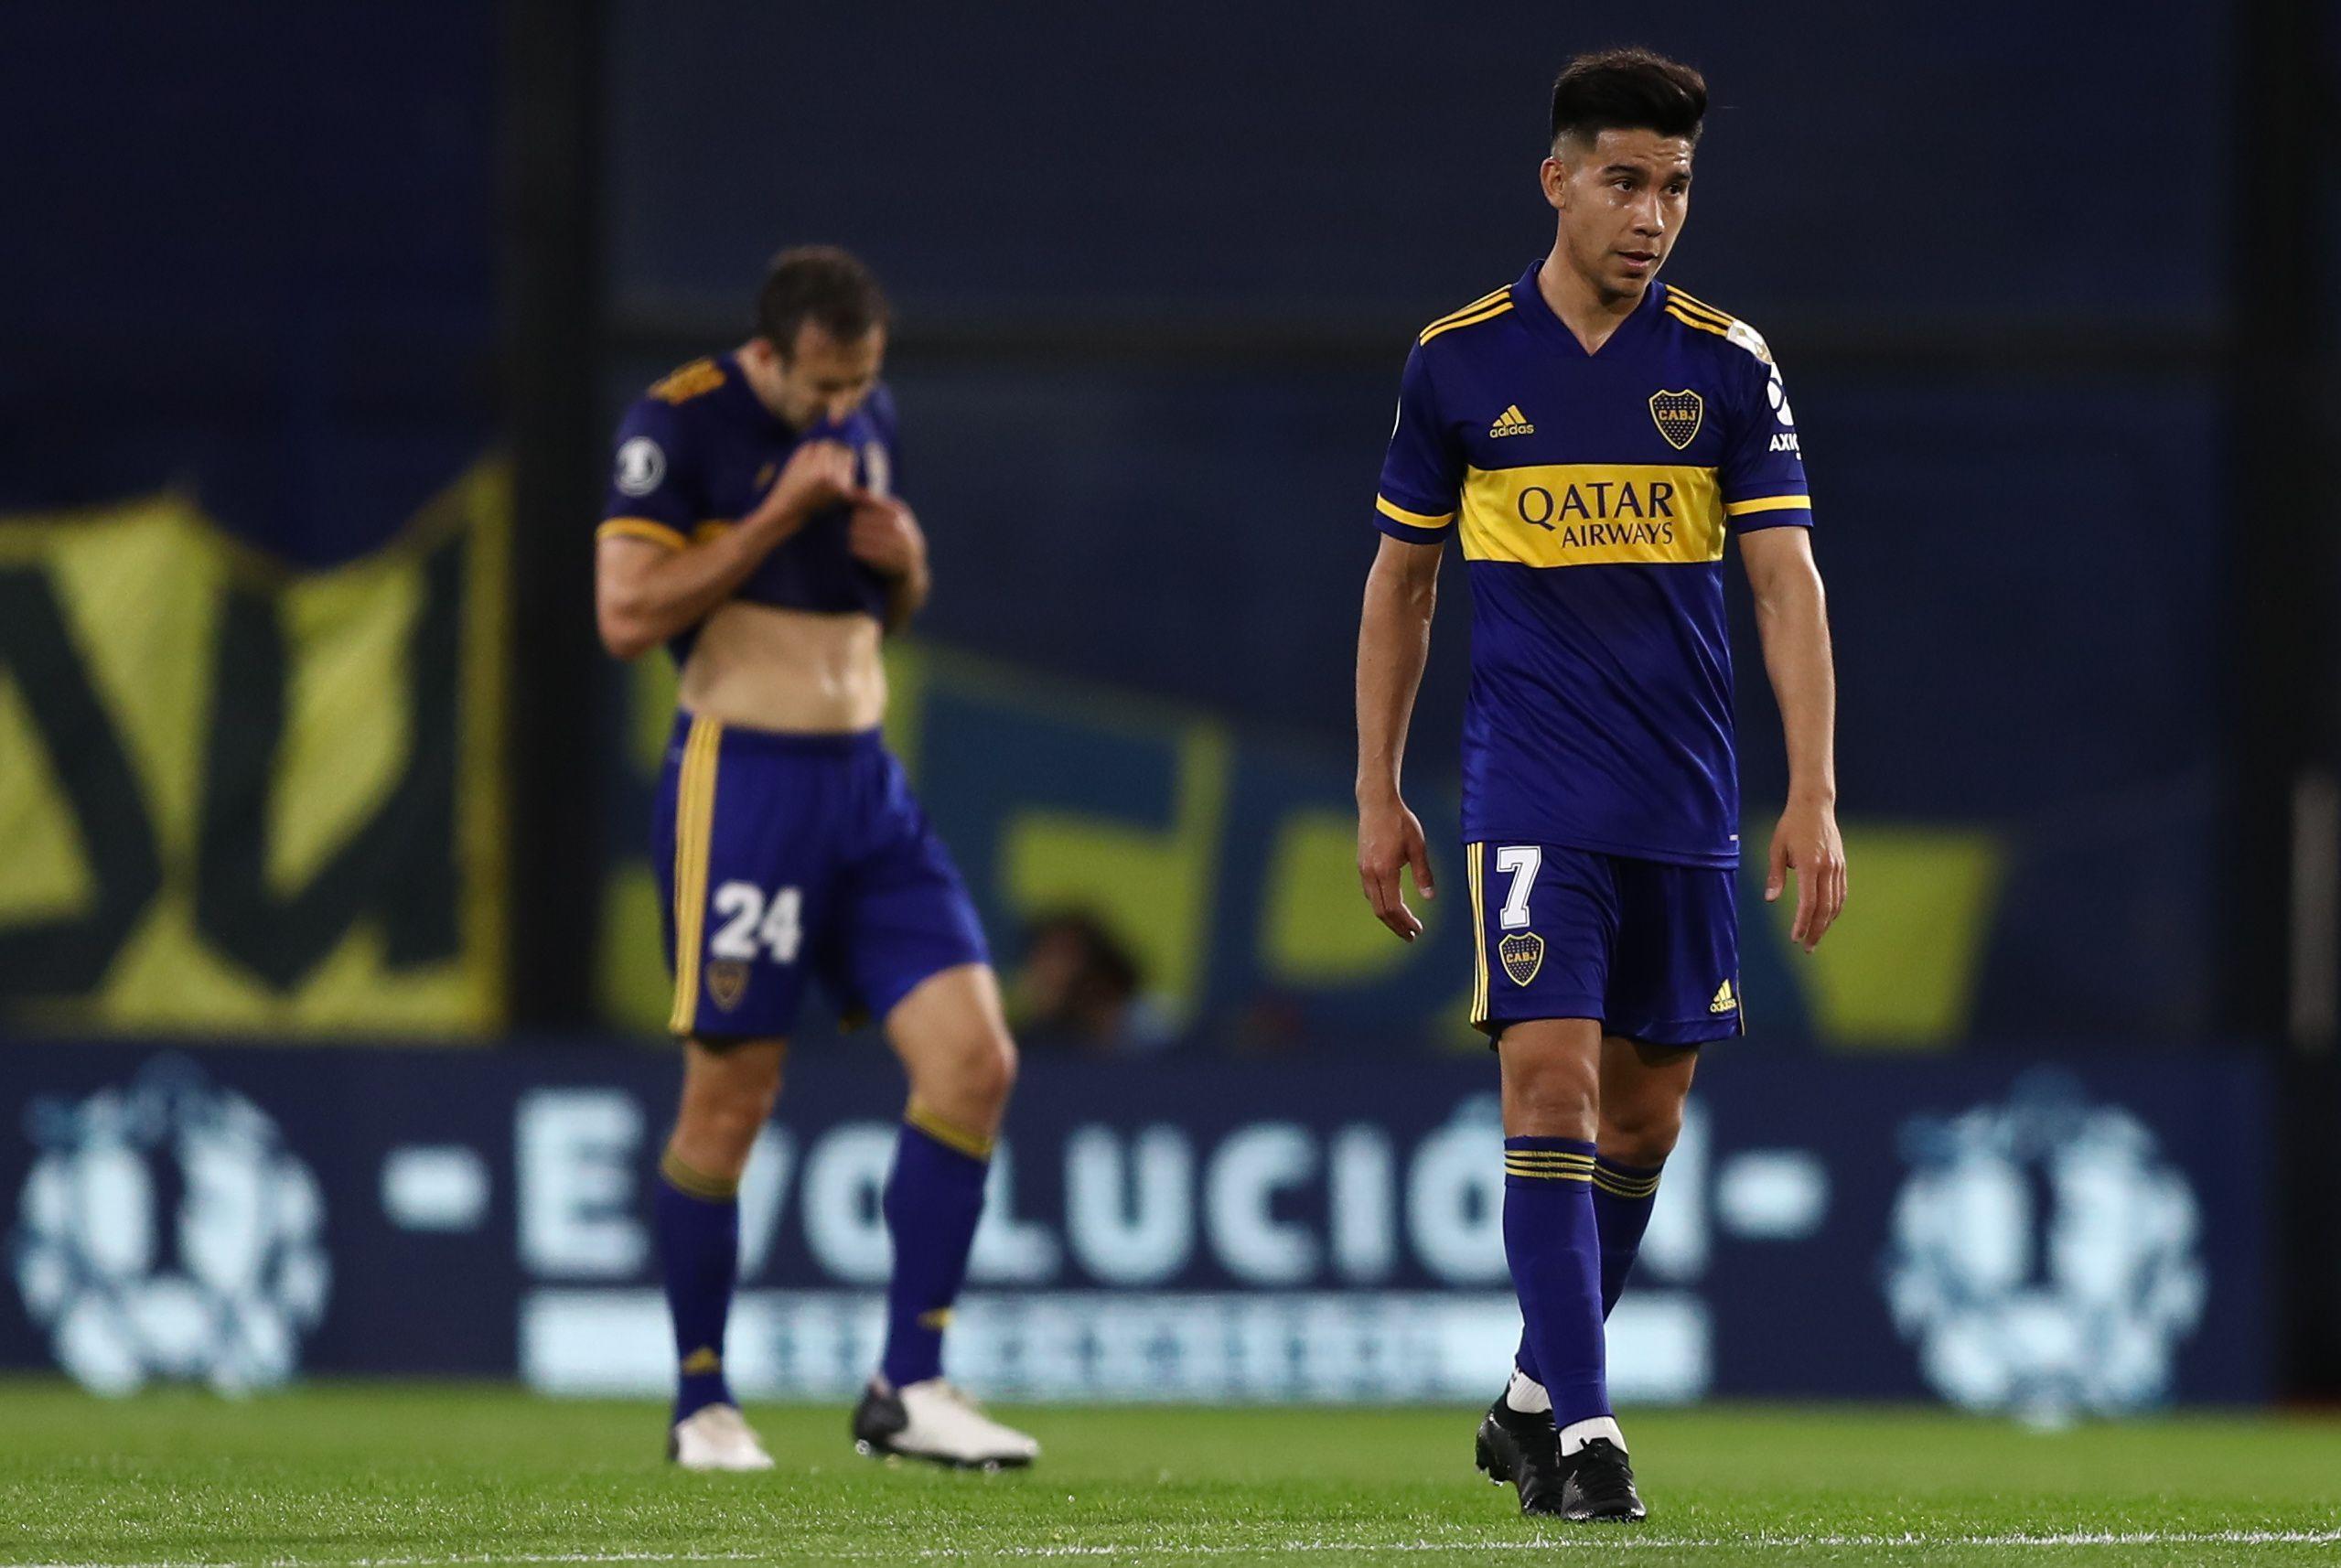 """""""Era un jugador fundamental. Después de su partida el equipo perdió muchísimo"""", dijo Tevez sobre Pol Fernández (Foto: Reuters)"""